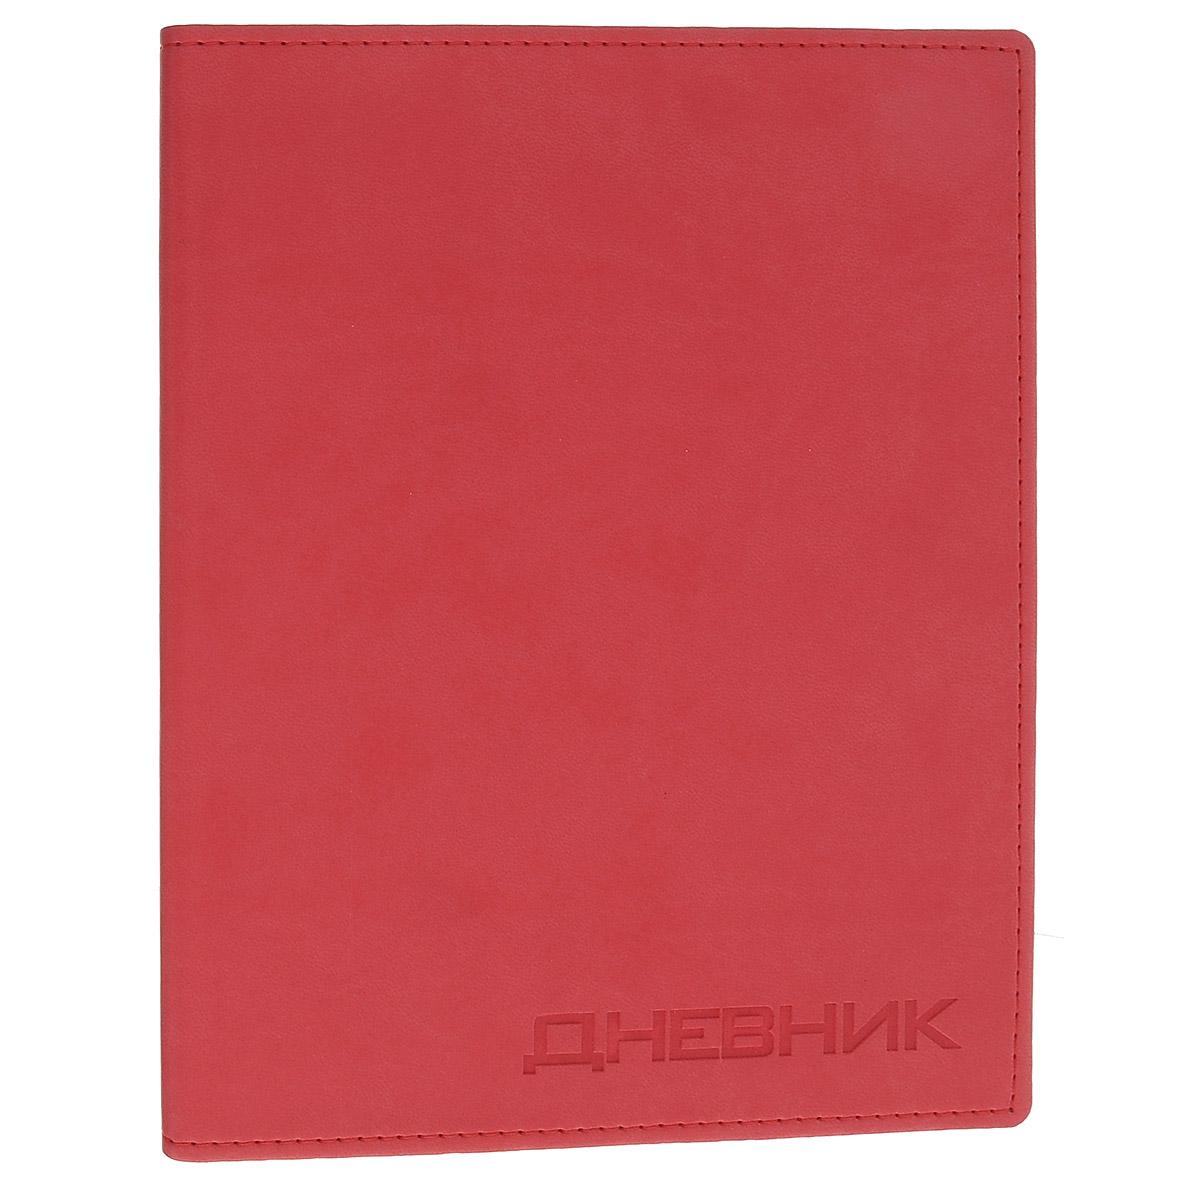 Дневник школьный Триумф Вивелла, цвет: красный1300-39Школьный дневник Триумф Вивелла - первый ежедневник вашего ребенка. Он поможет ему не забыть свои задания, а вы всегда сможете проконтролировать его успеваемость. Гибкая, высокопрочная интегральная обложка с закругленными углами прошита по периметру. Надпись нанесена путем вдавленного термотиснения и темнее основного цвета обложки, крепление сшитое. На разворотах под обложкой дневник дополнен политической и физической картой России. Внутренний блок выполнен из качественной бумаги кремового цвета с четкой линовкой темно-серого цвета. В структуру дневника входят все необходимые разделы: информация о школе и педагогах, расписание занятий и факультативов по четвертям. На последней странице для итоговых оценок незаполненные графы изучаемых предметов.